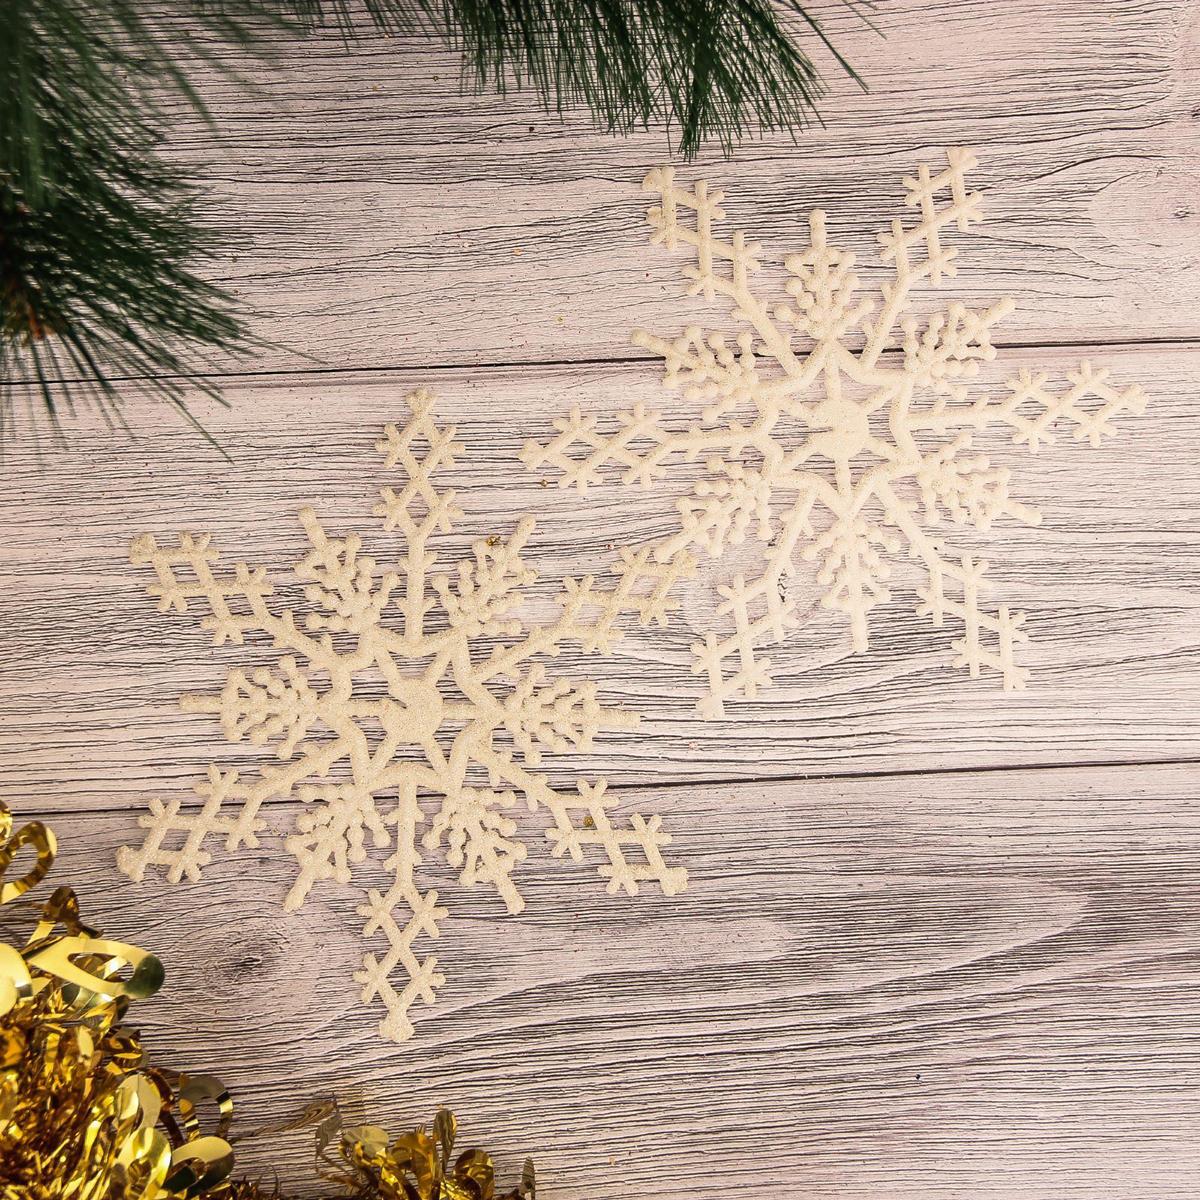 Набор новогодних подвесных украшений Снежинка, цвет: белый, диаметр 15 см, 2 шт2372118Набор новогодних подвесных украшений отлично подойдет для декорации вашего дома и новогодней ели. С помощью специальной петельки украшение можно повесить в любом понравившемся вам месте. Но, конечно, удачнее всего оно будет смотреться на праздничной елке.Елочная игрушка - символ Нового года. Она несет в себе волшебство и красоту праздника. Такое украшение создаст в вашем доме атмосферу праздника, веселья и радости.